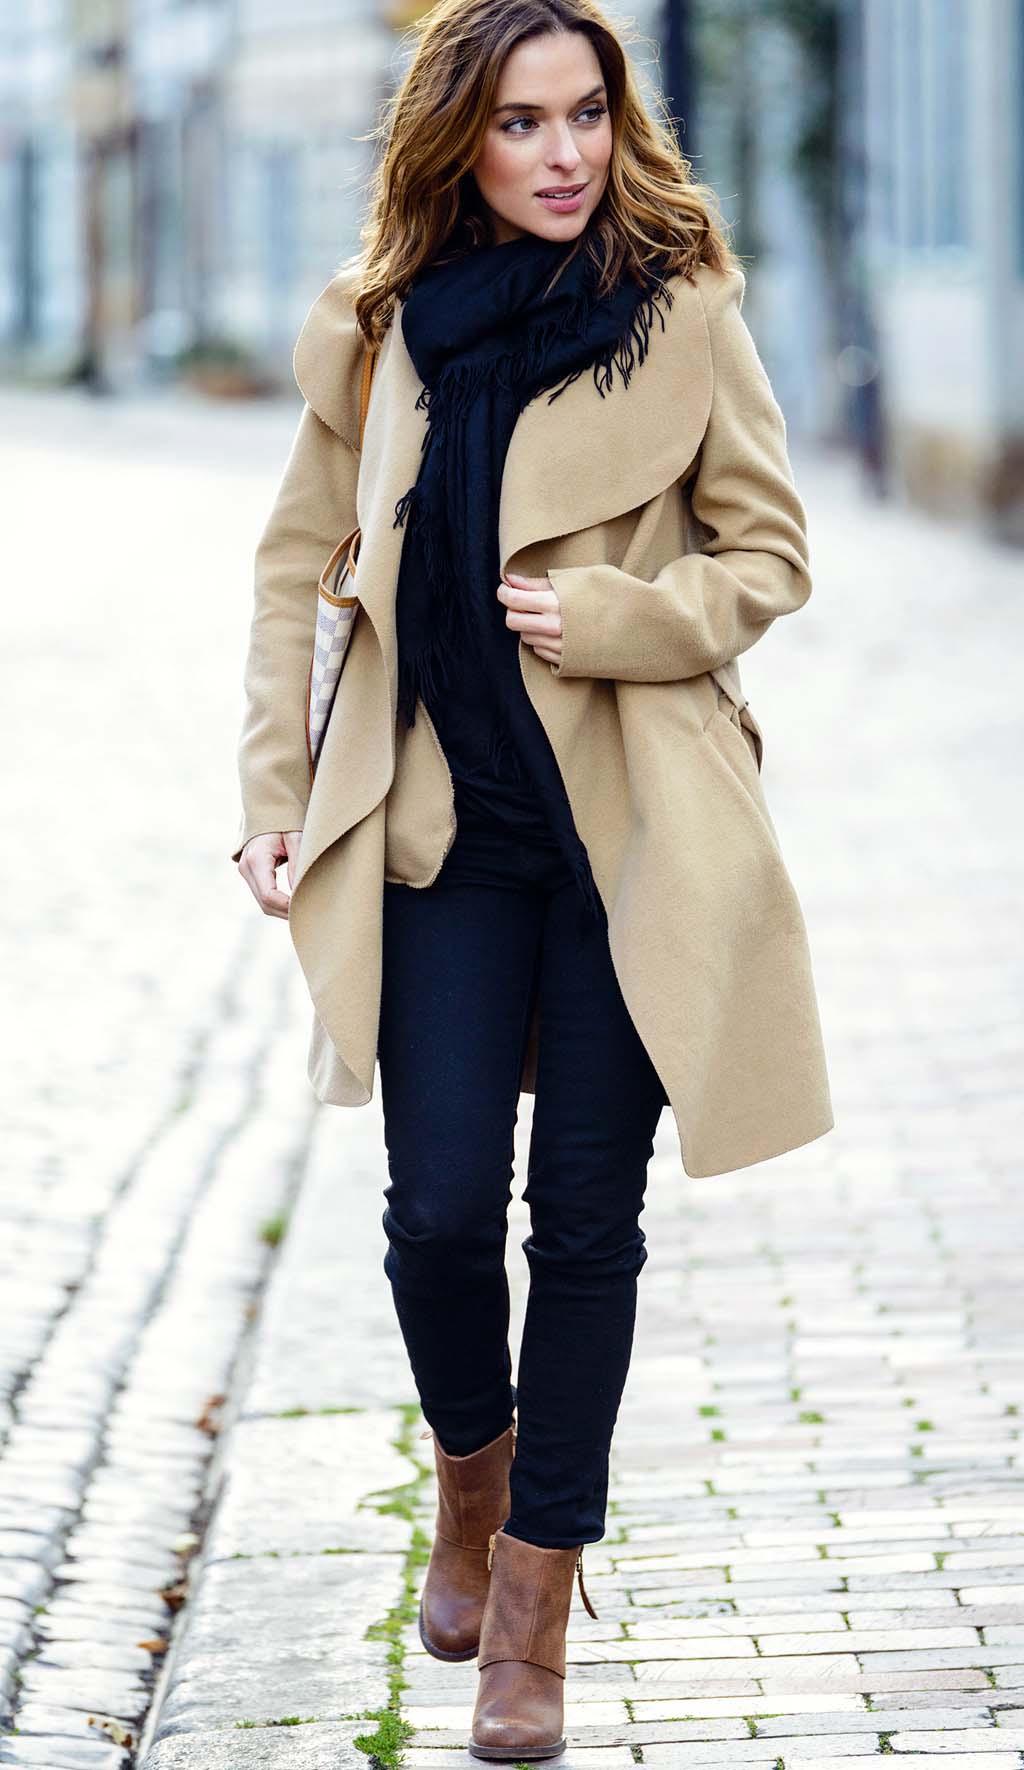 Winter Peoplemodel Look